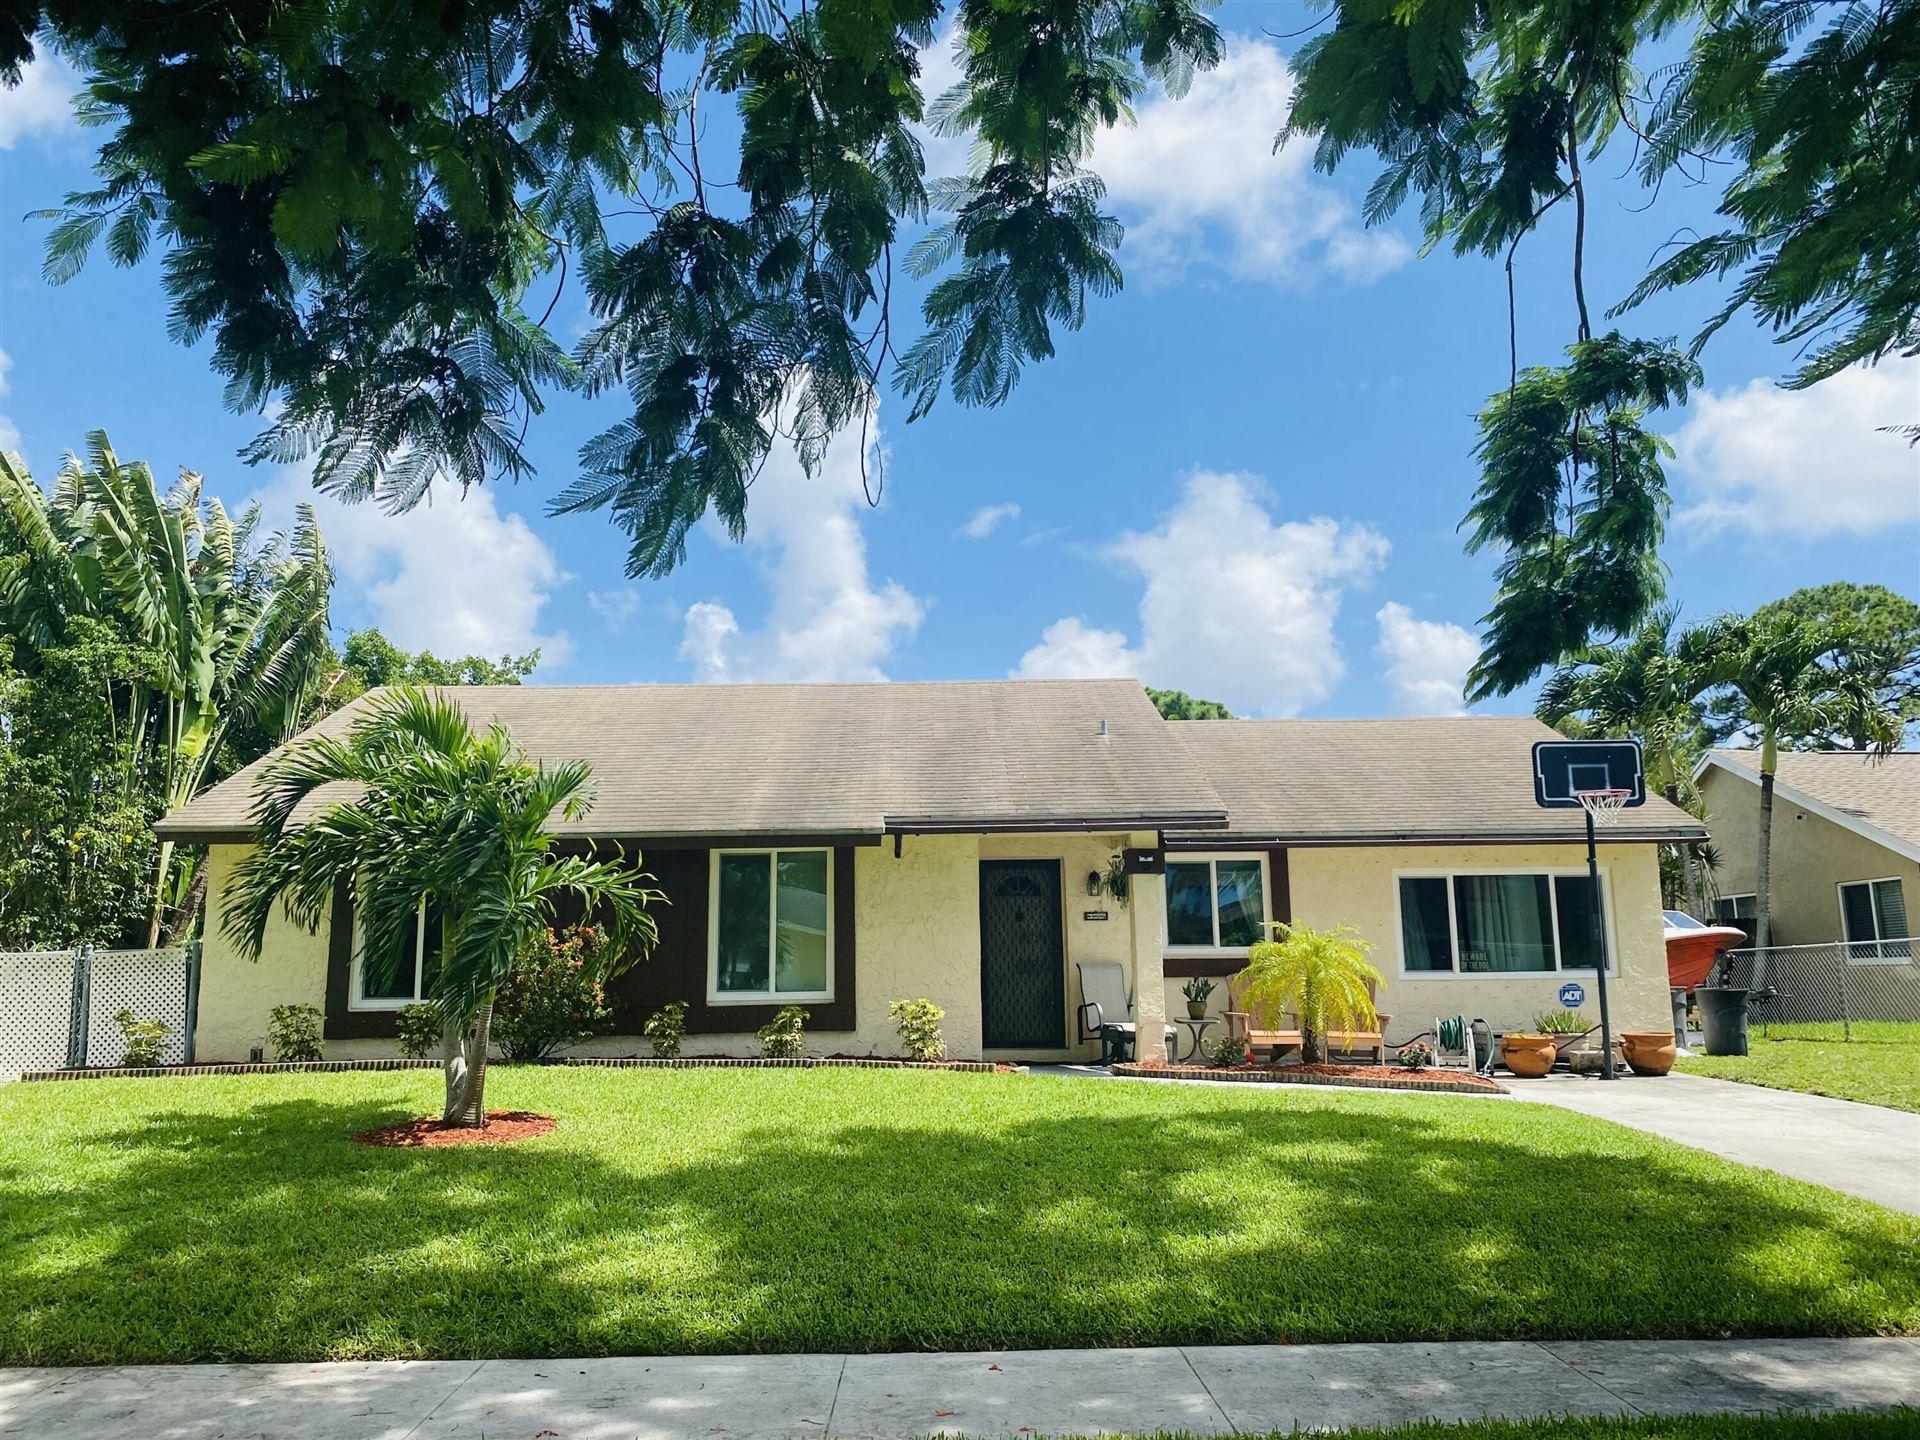 5143 El Claro S, West Palm Beach, FL 33415 - MLS#: RX-10745584